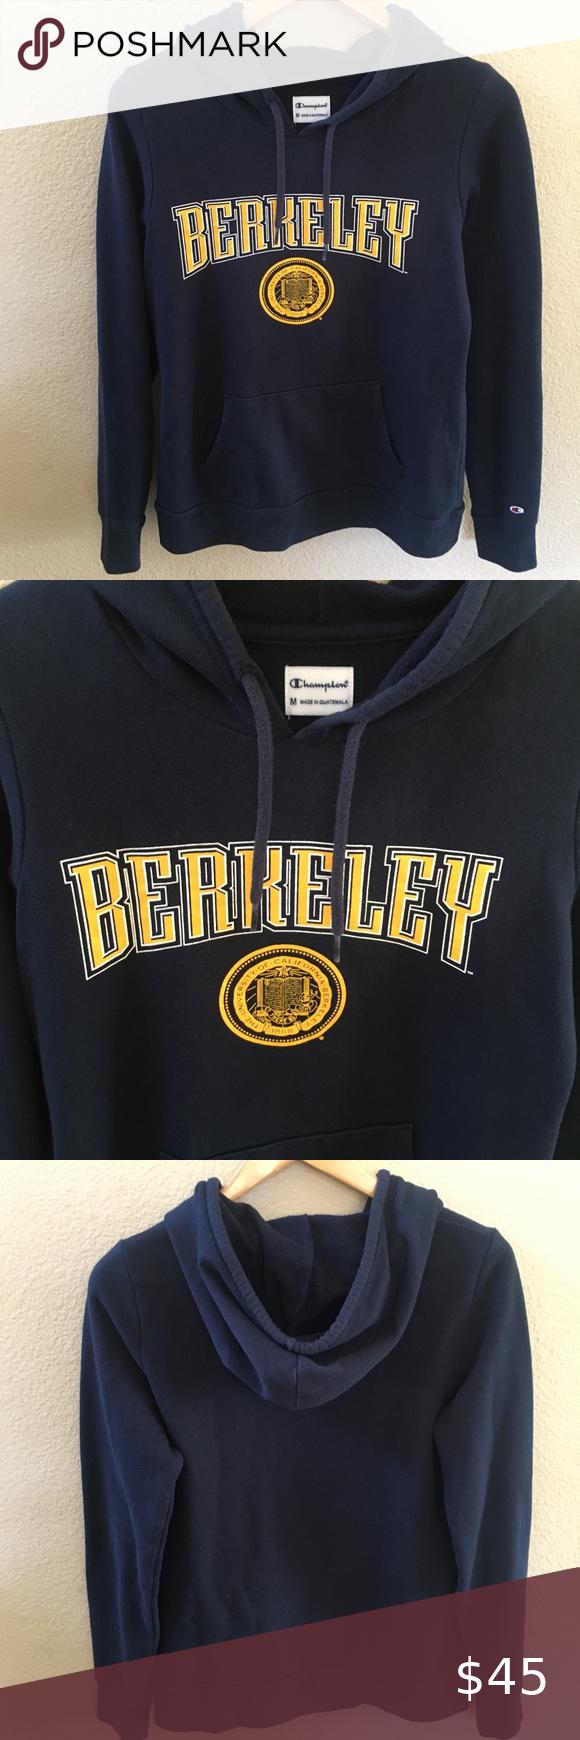 Vintage Champion Berkeley Women S Hoodie Beige Champion Hoodie Black Sweatshirt Hoodie Champion Cropped Hoodie [ 1740 x 580 Pixel ]